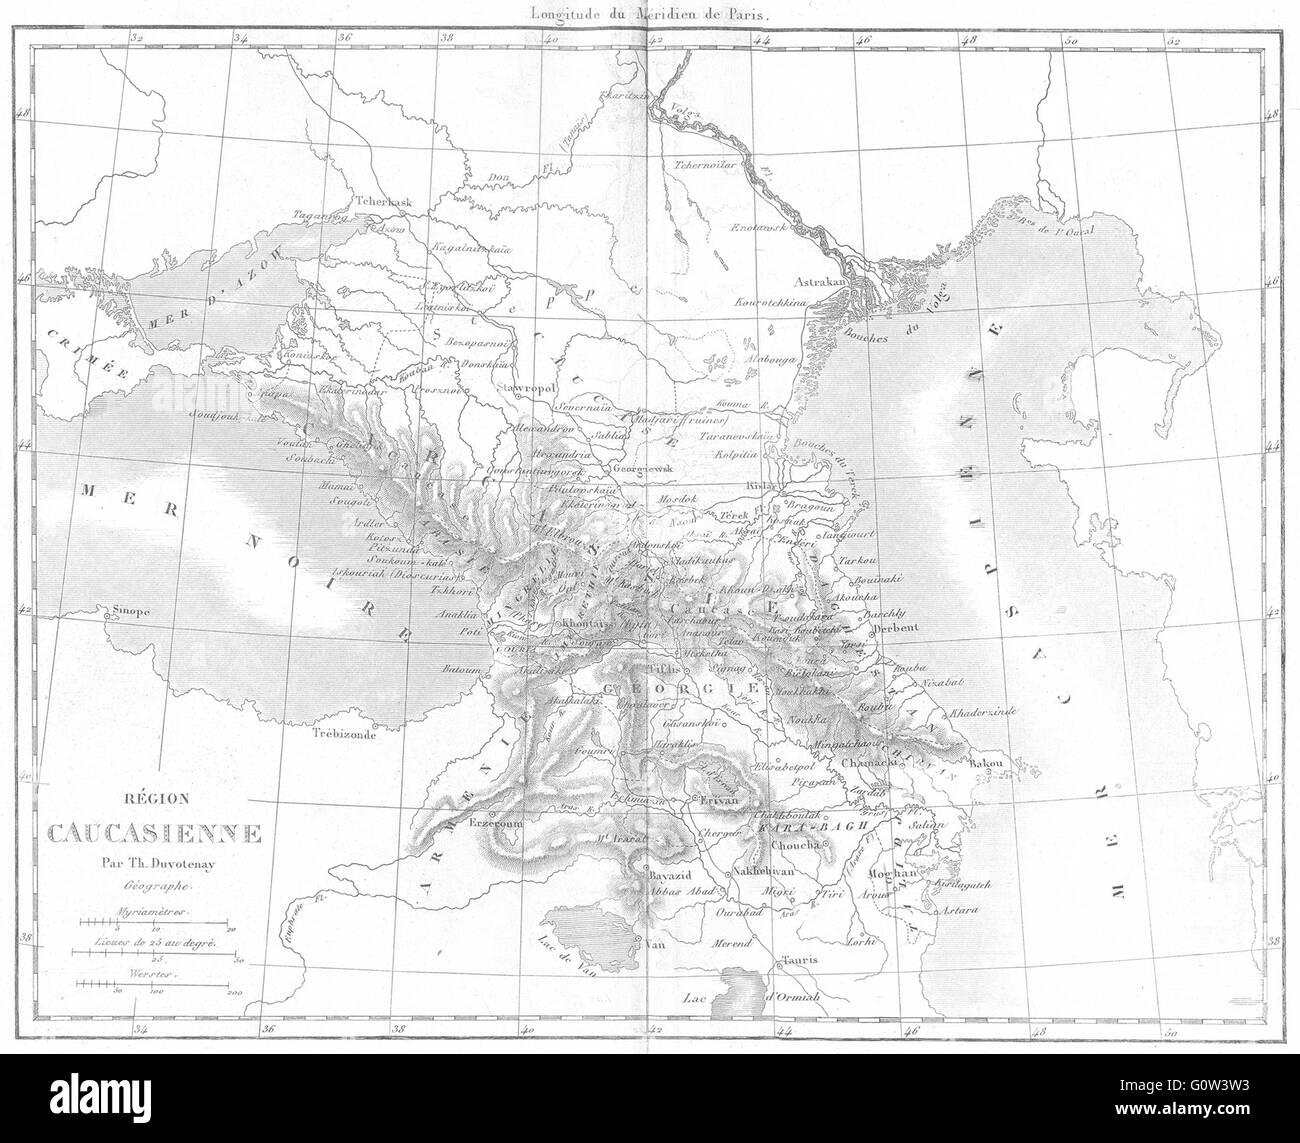 EURASIA: Region caucasienne(Caucasus)Caucasus, 1879 antique map Stock Photo